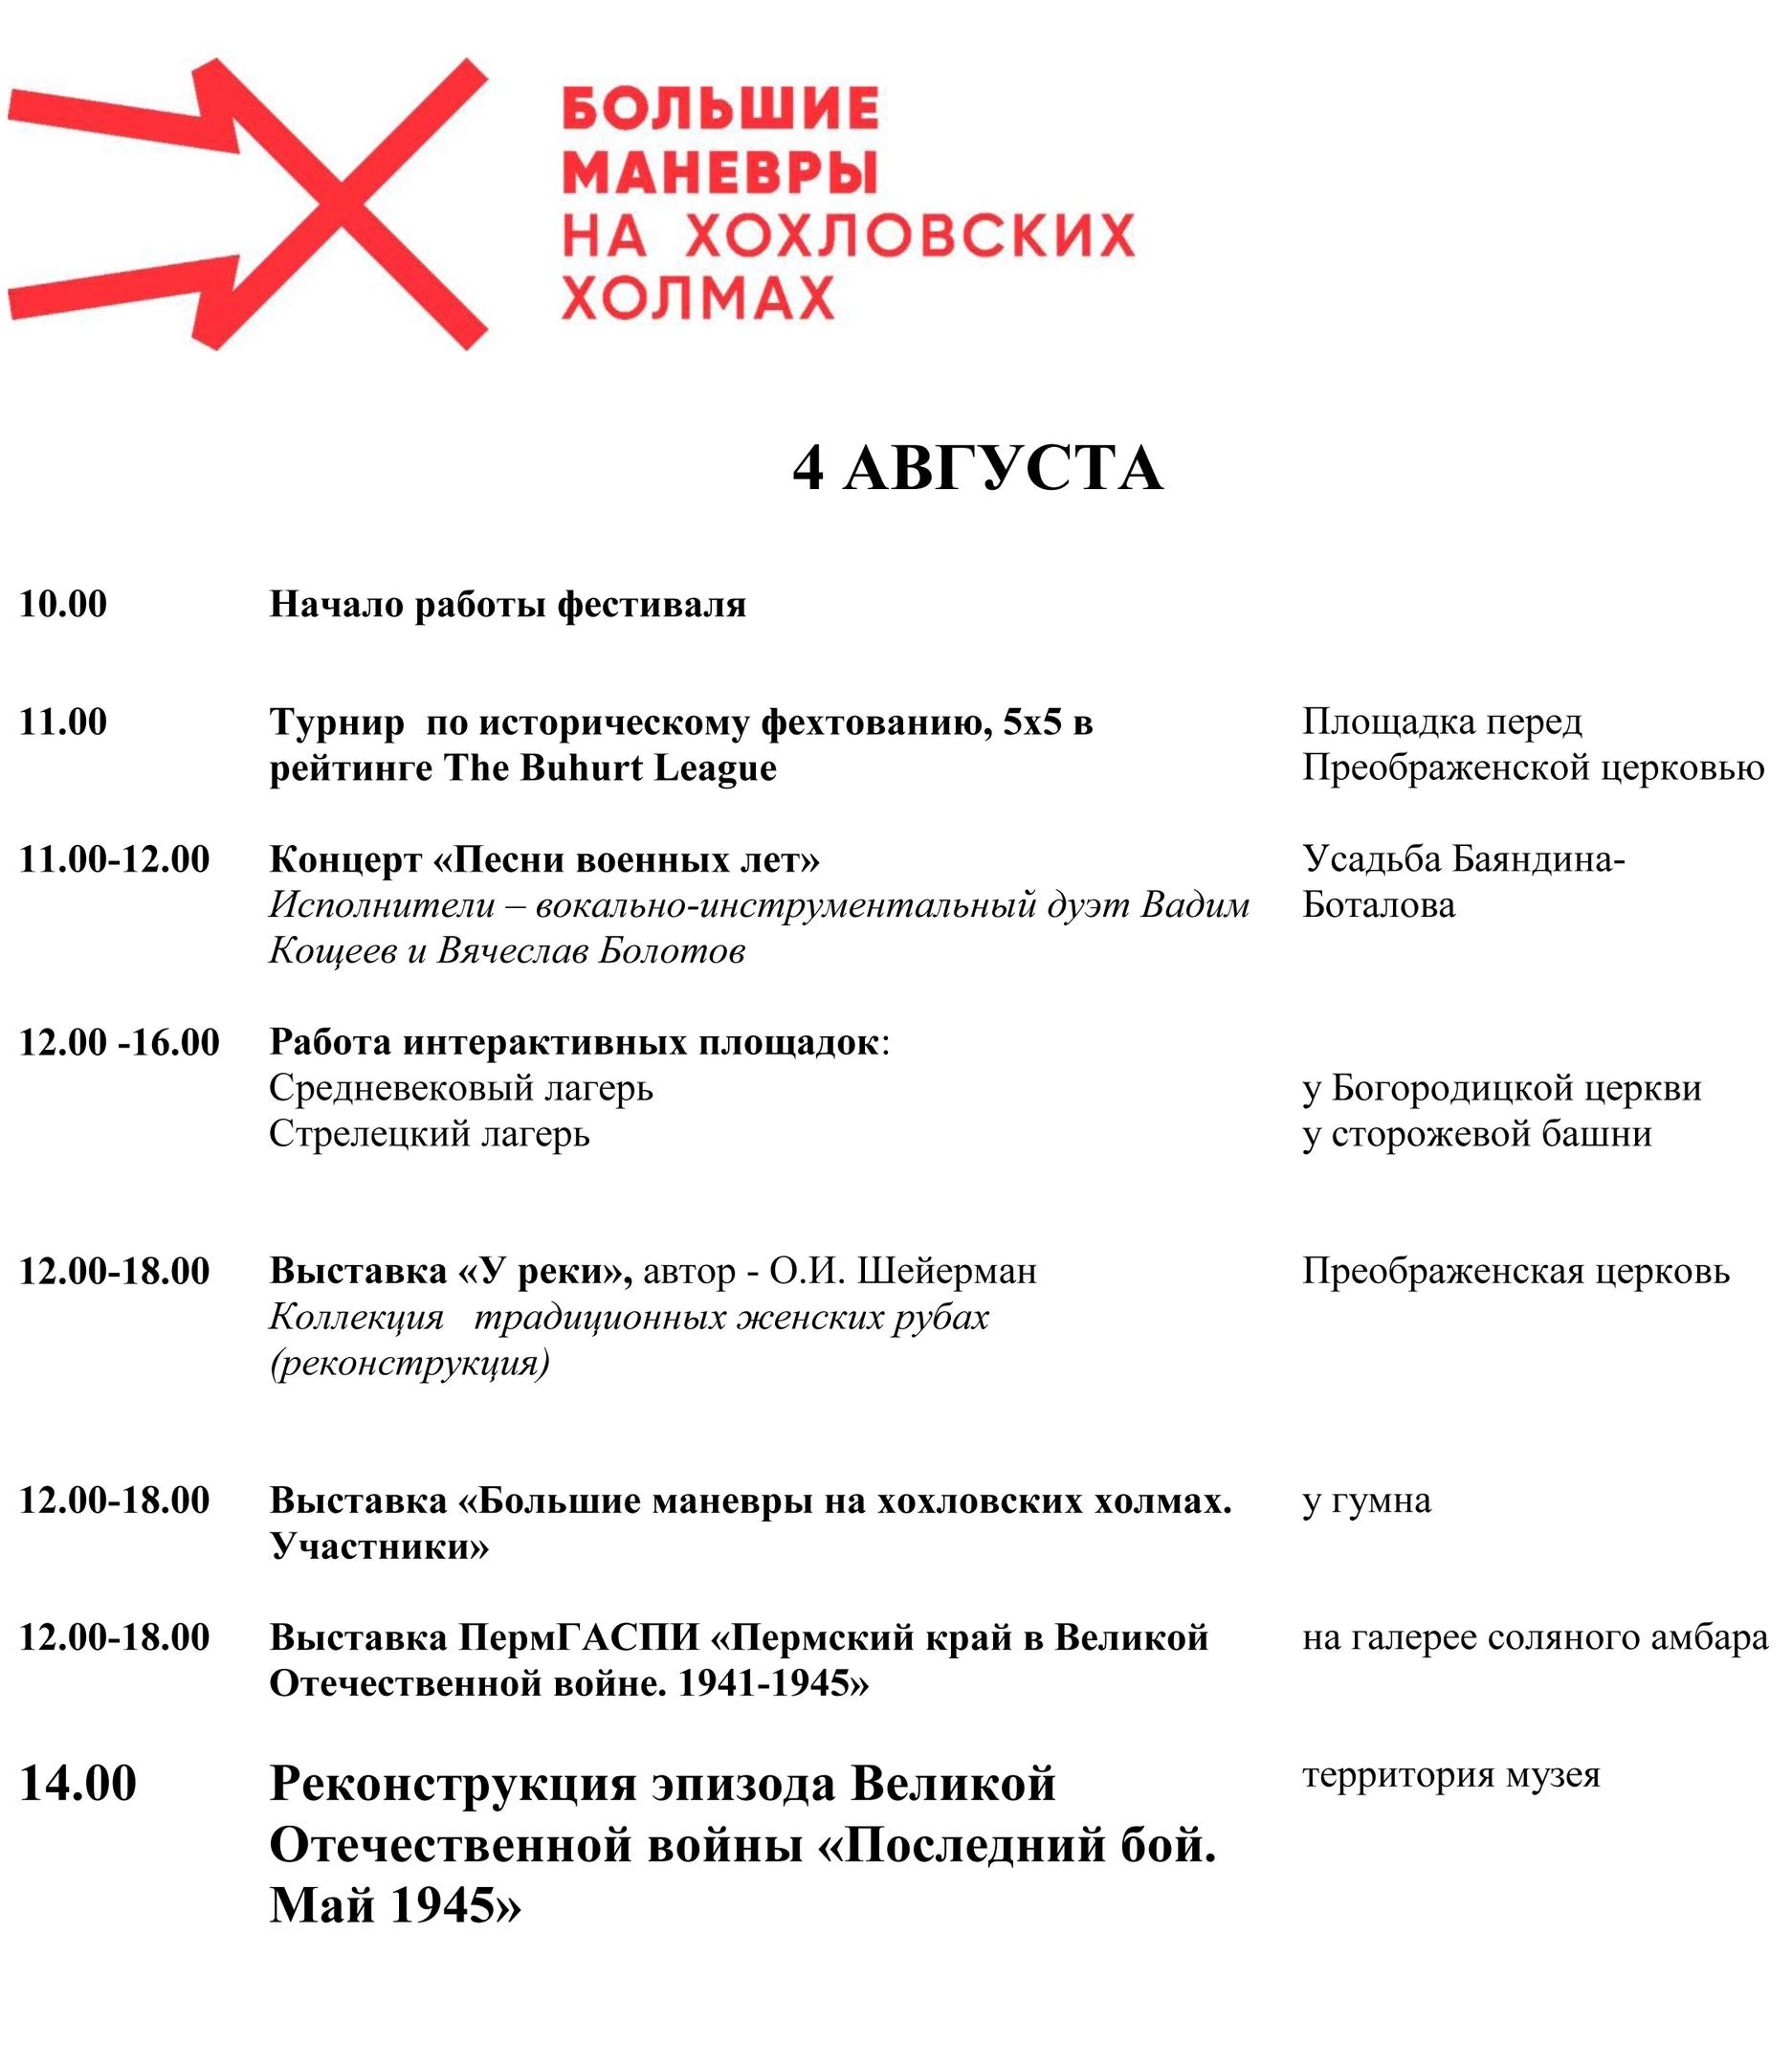 Программа 4 августа